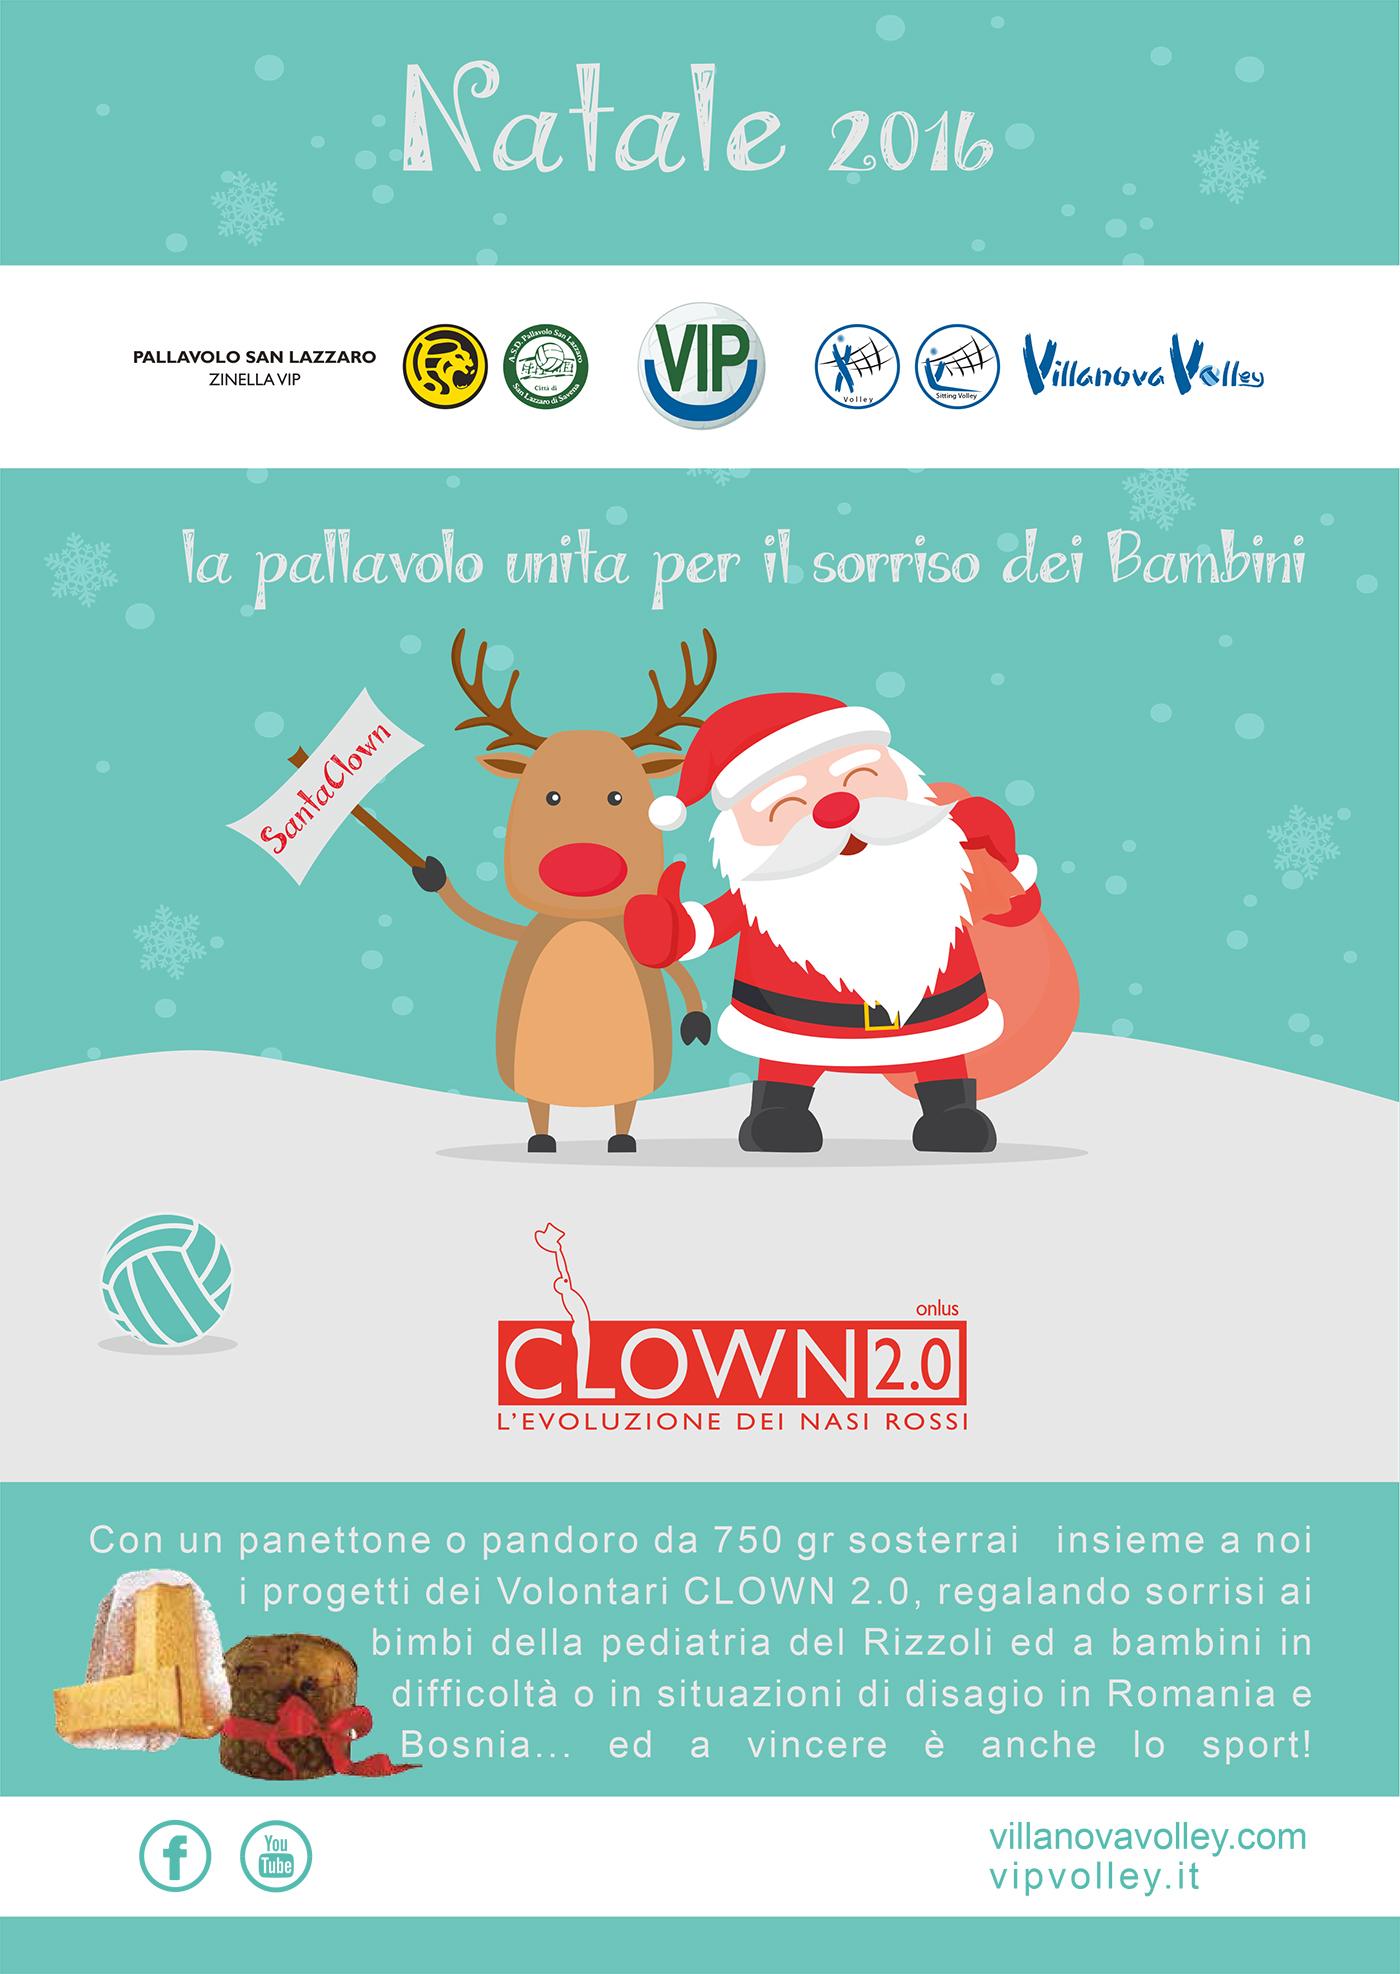 Natale 2016 A Sostegno Dei Clown 2.0